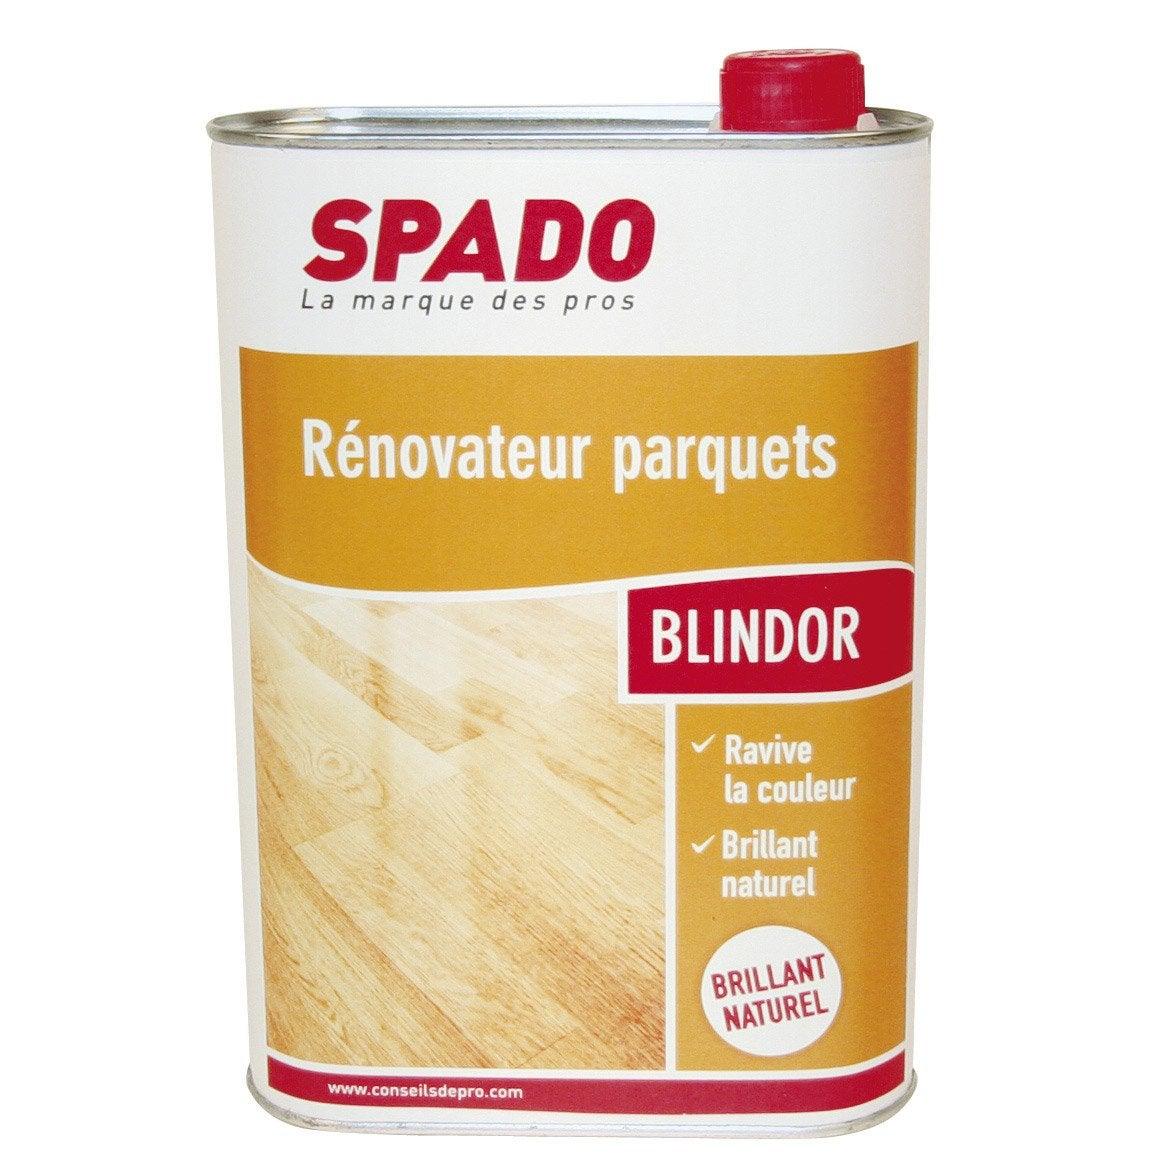 Protecteur Emulsion Brillante Parquet Blindor Spado 1 L Leroy Merlin